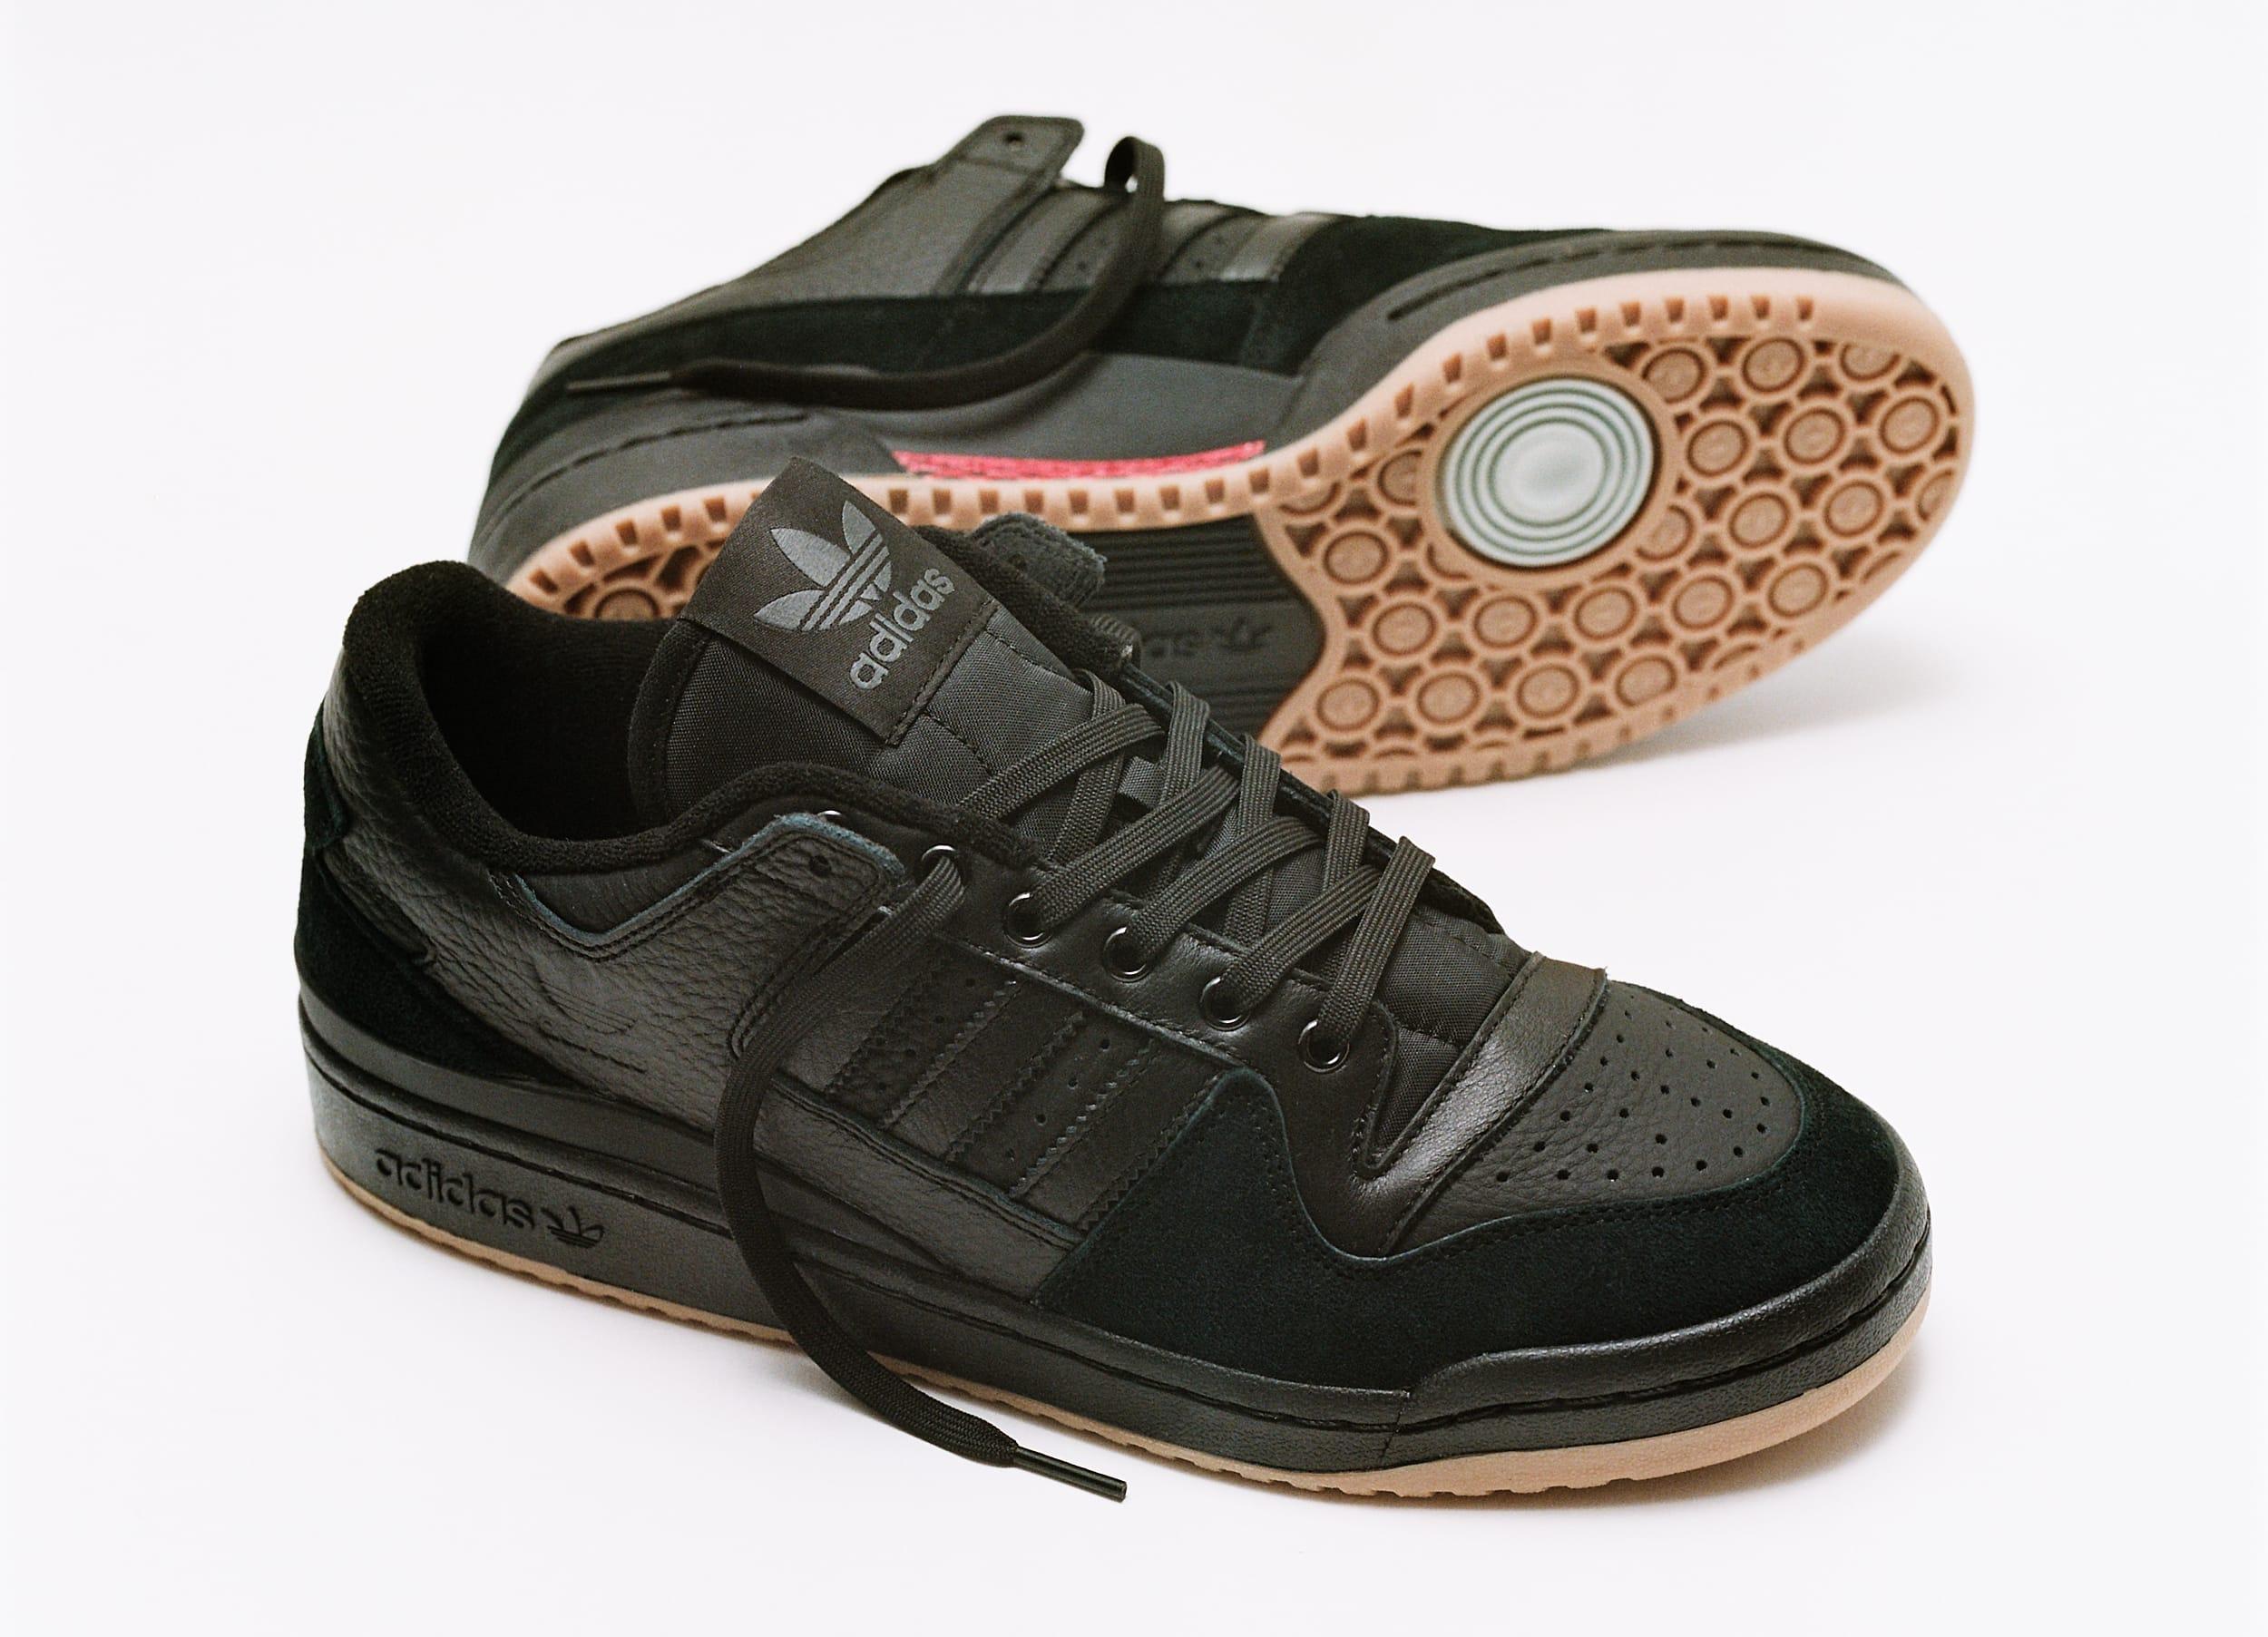 Adidas Forum 84 ADV Black Pair